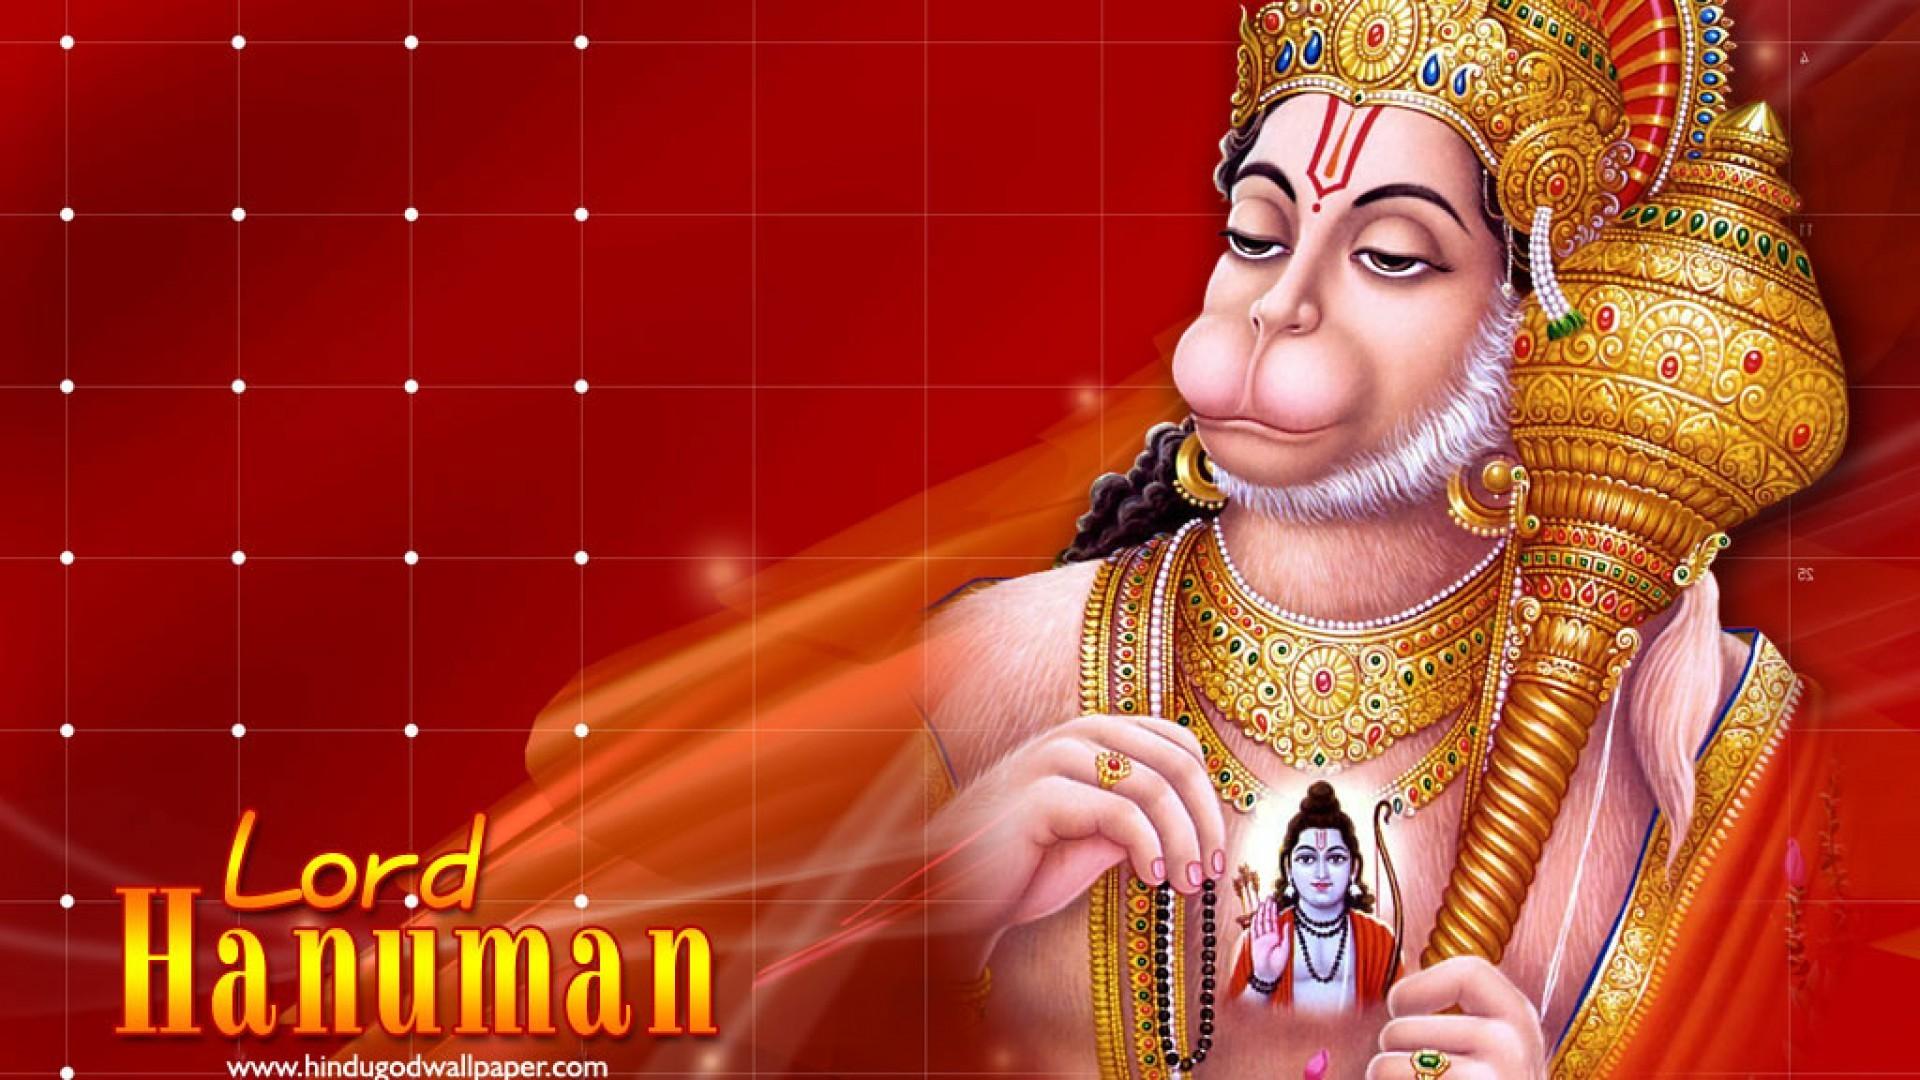 Hanuman Wallpapers (63+ Images